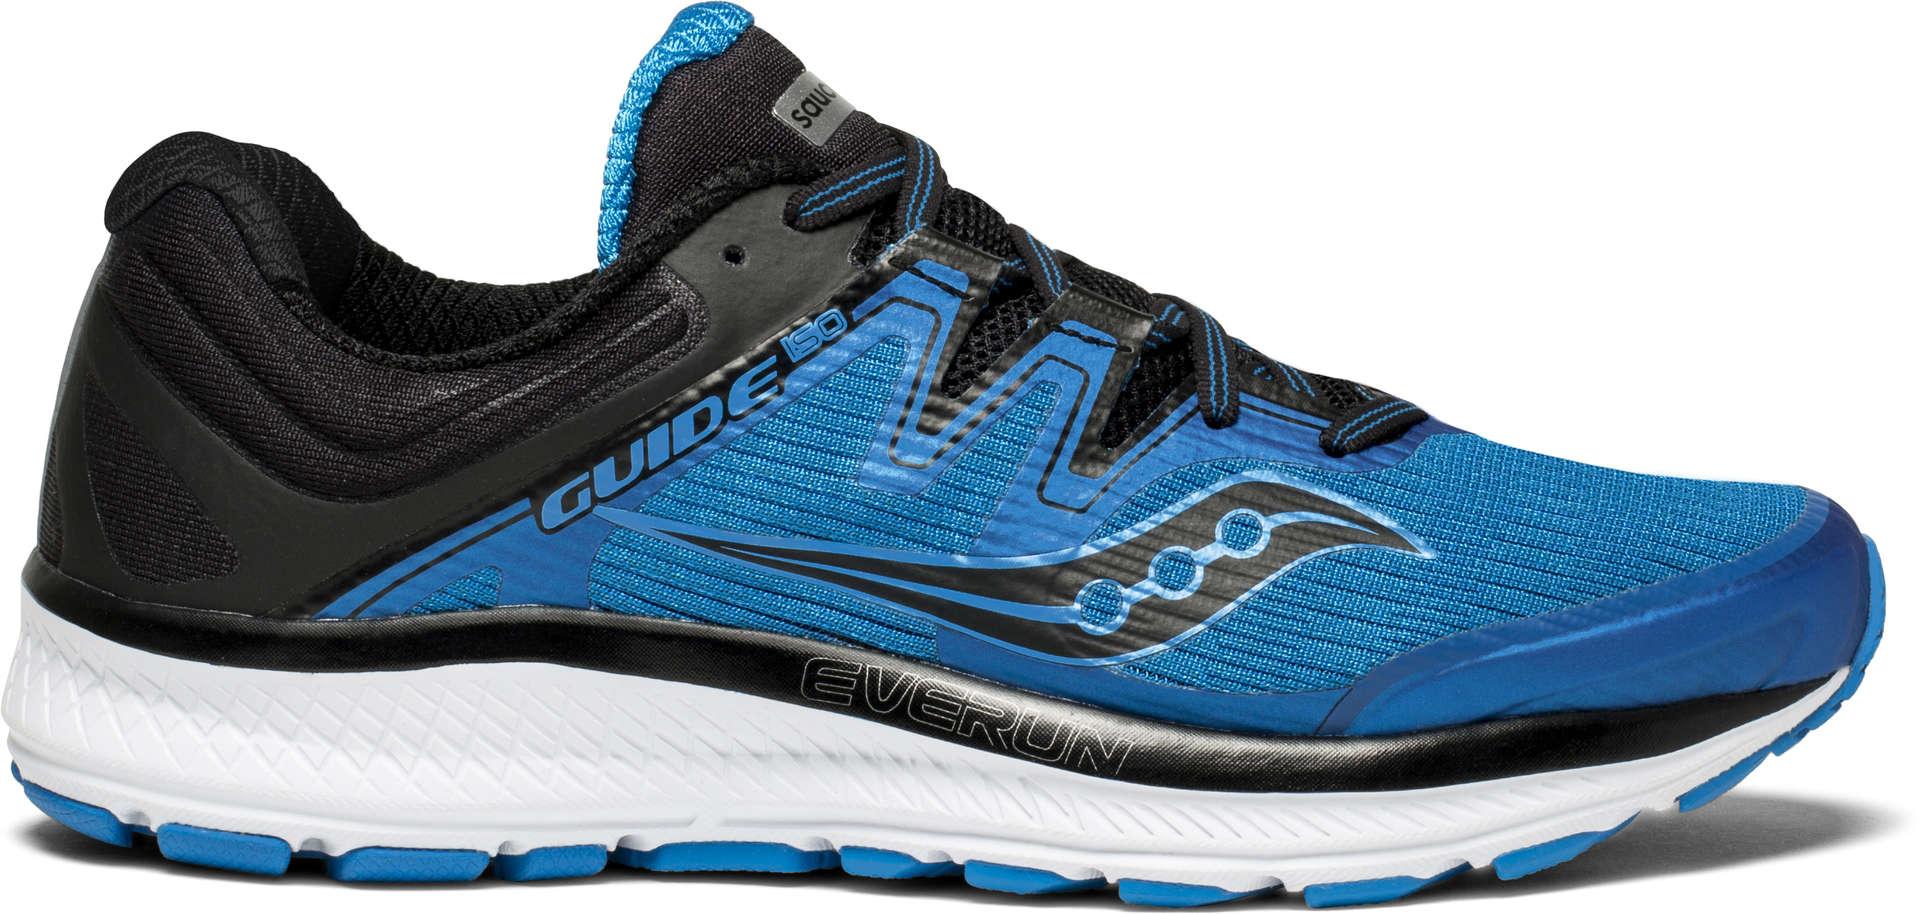 Saucony - Guide 10 - Chaussures De Course Taille 7 Bleu / Gris / Noir m4qP0aDu